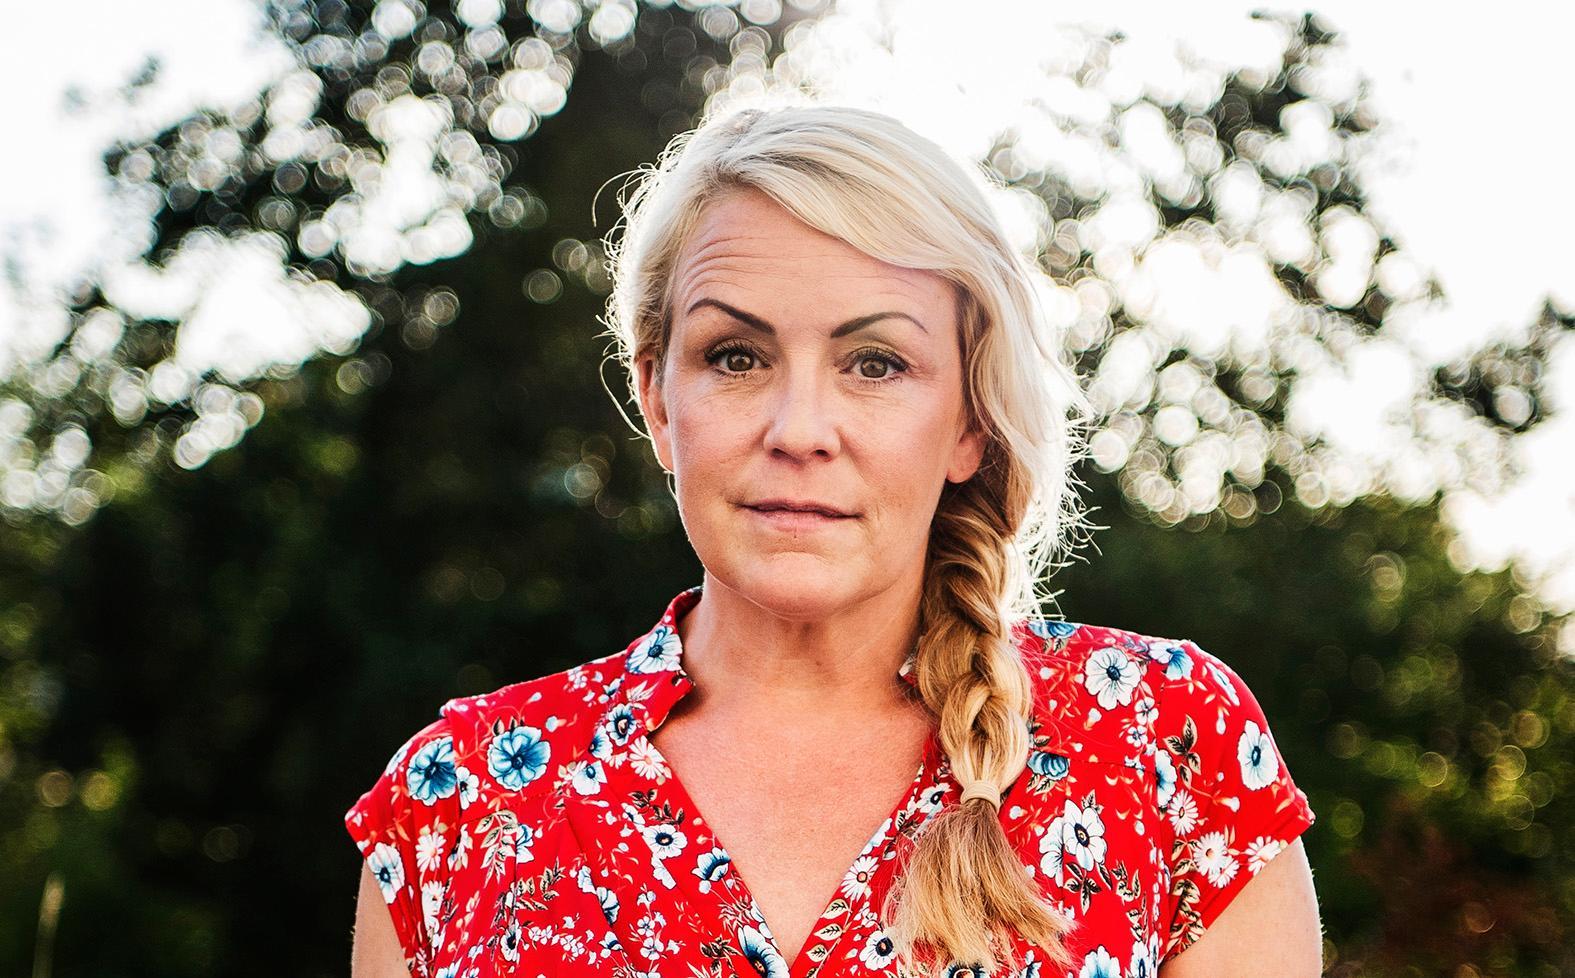 Karin Adelsköld gör duopodd om dejting med Fredik Wass.